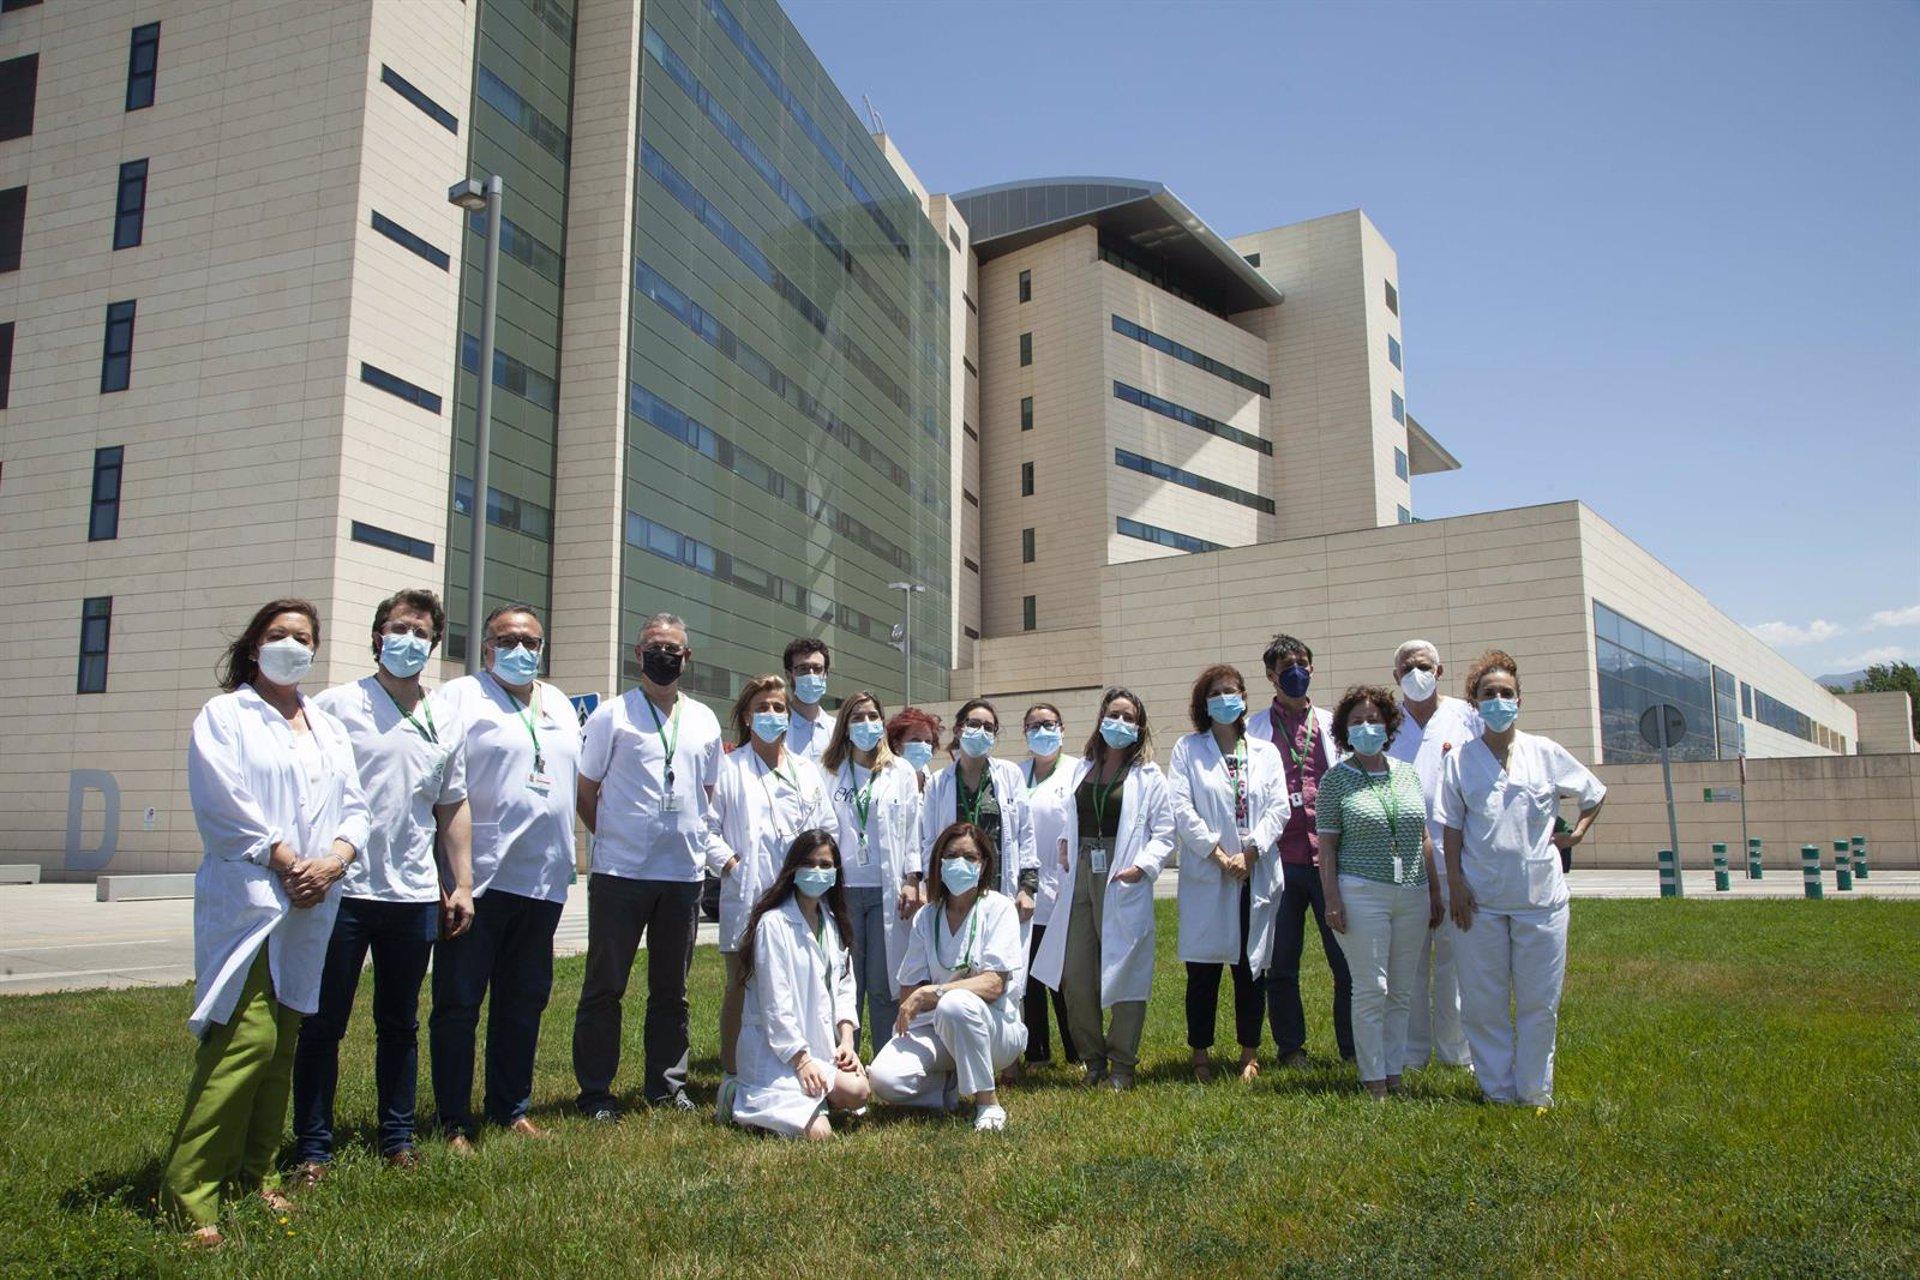 La Unidad de Medicina Nuclear del San Cecilio logra certificar la calidad de sus servicios con nivel avanzado